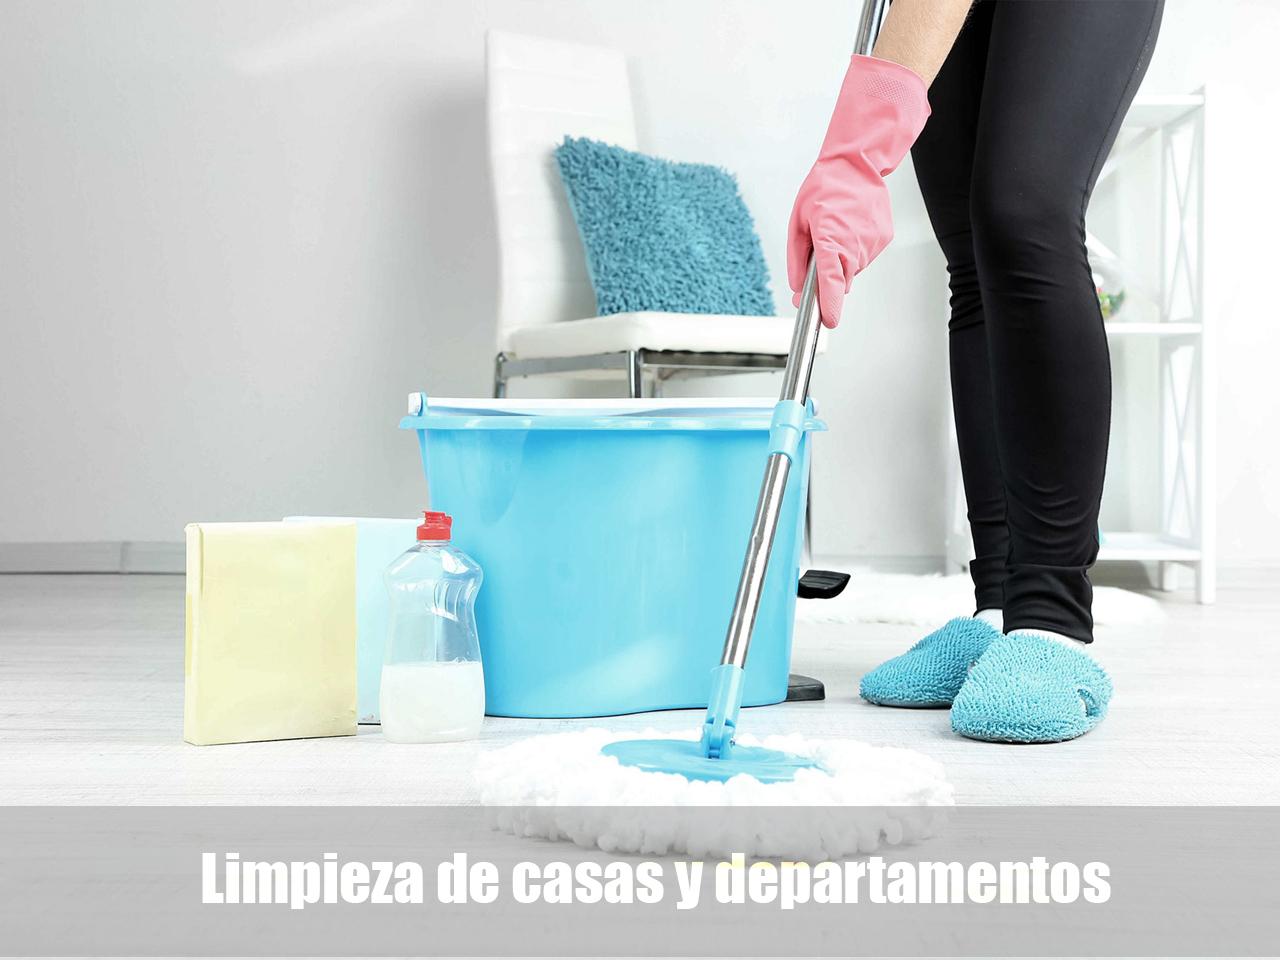 Limpieza de casas y departamentos lima peru for Precios de articulos de cocina